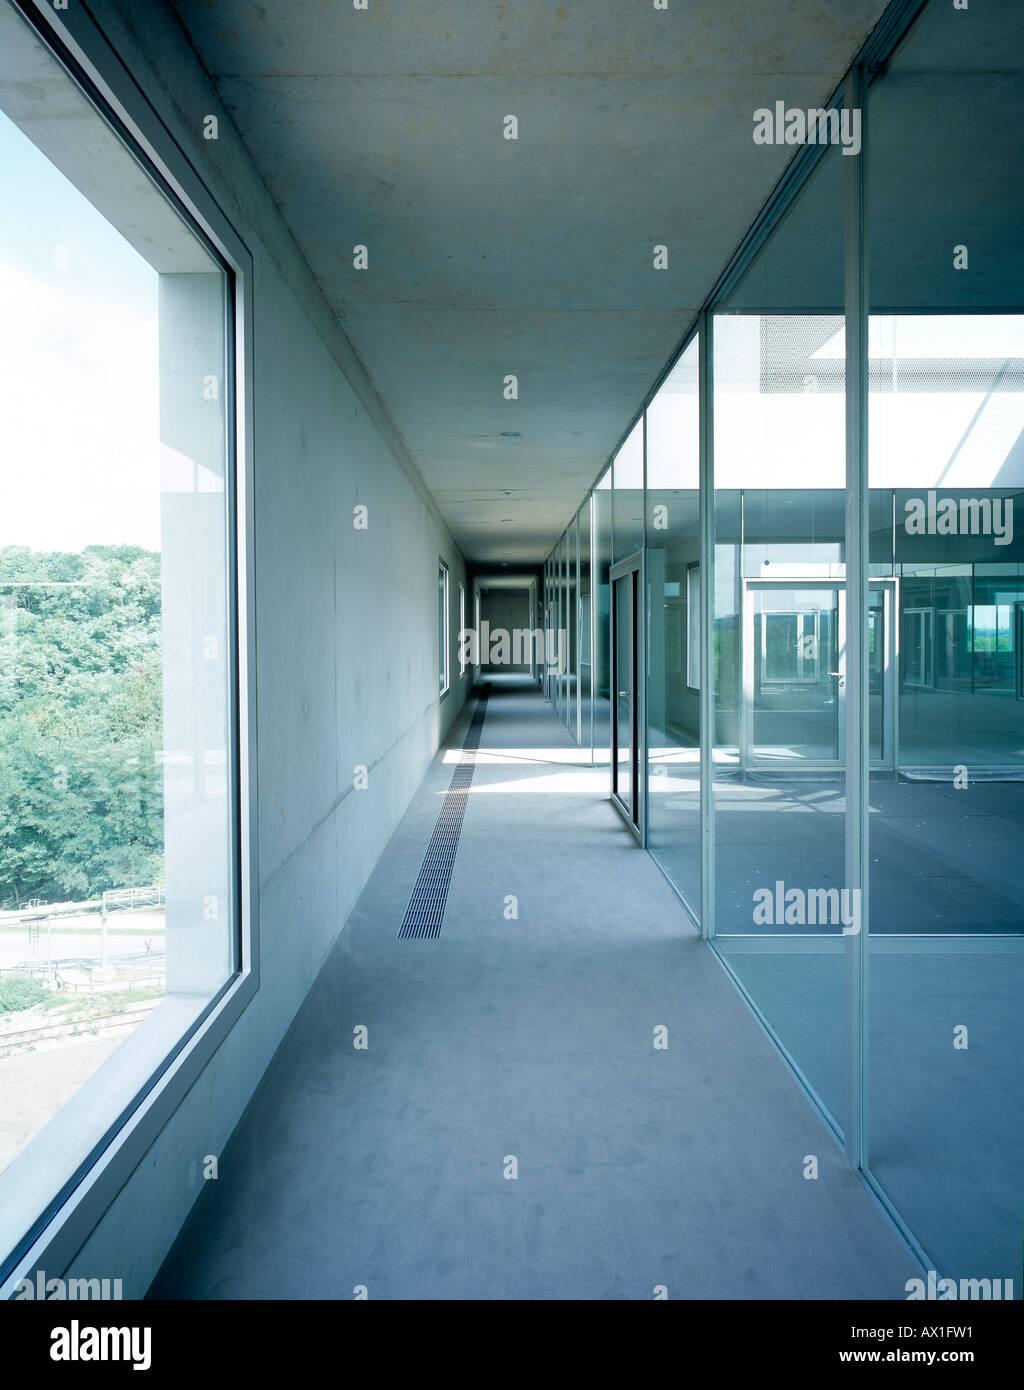 ZOLLVEREIN SCHOOL, ESSEN, GERMANY - Stock Image